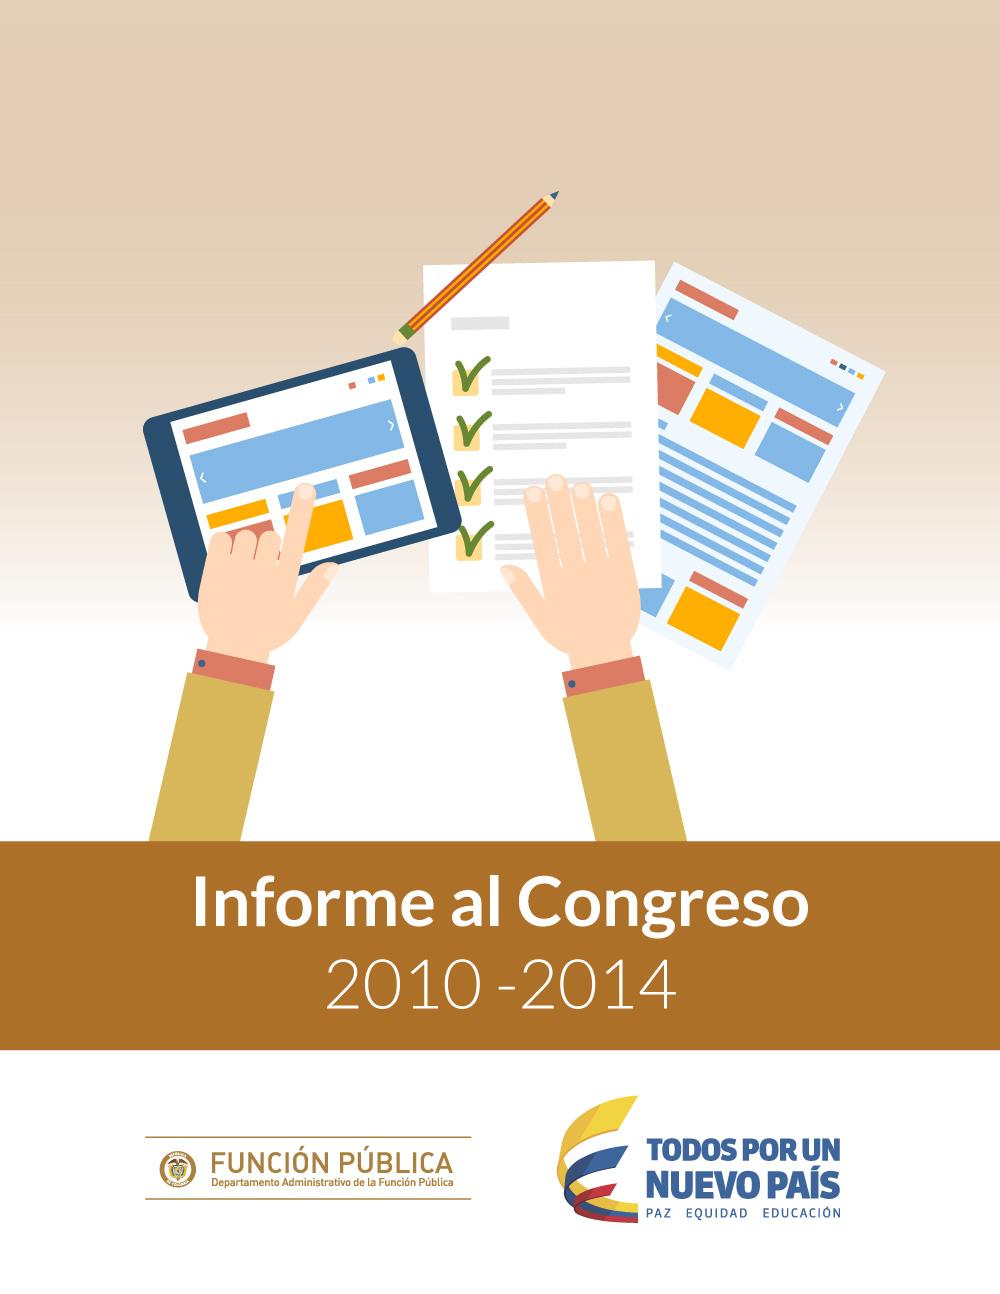 Informe al Congreso 2010 - 2014